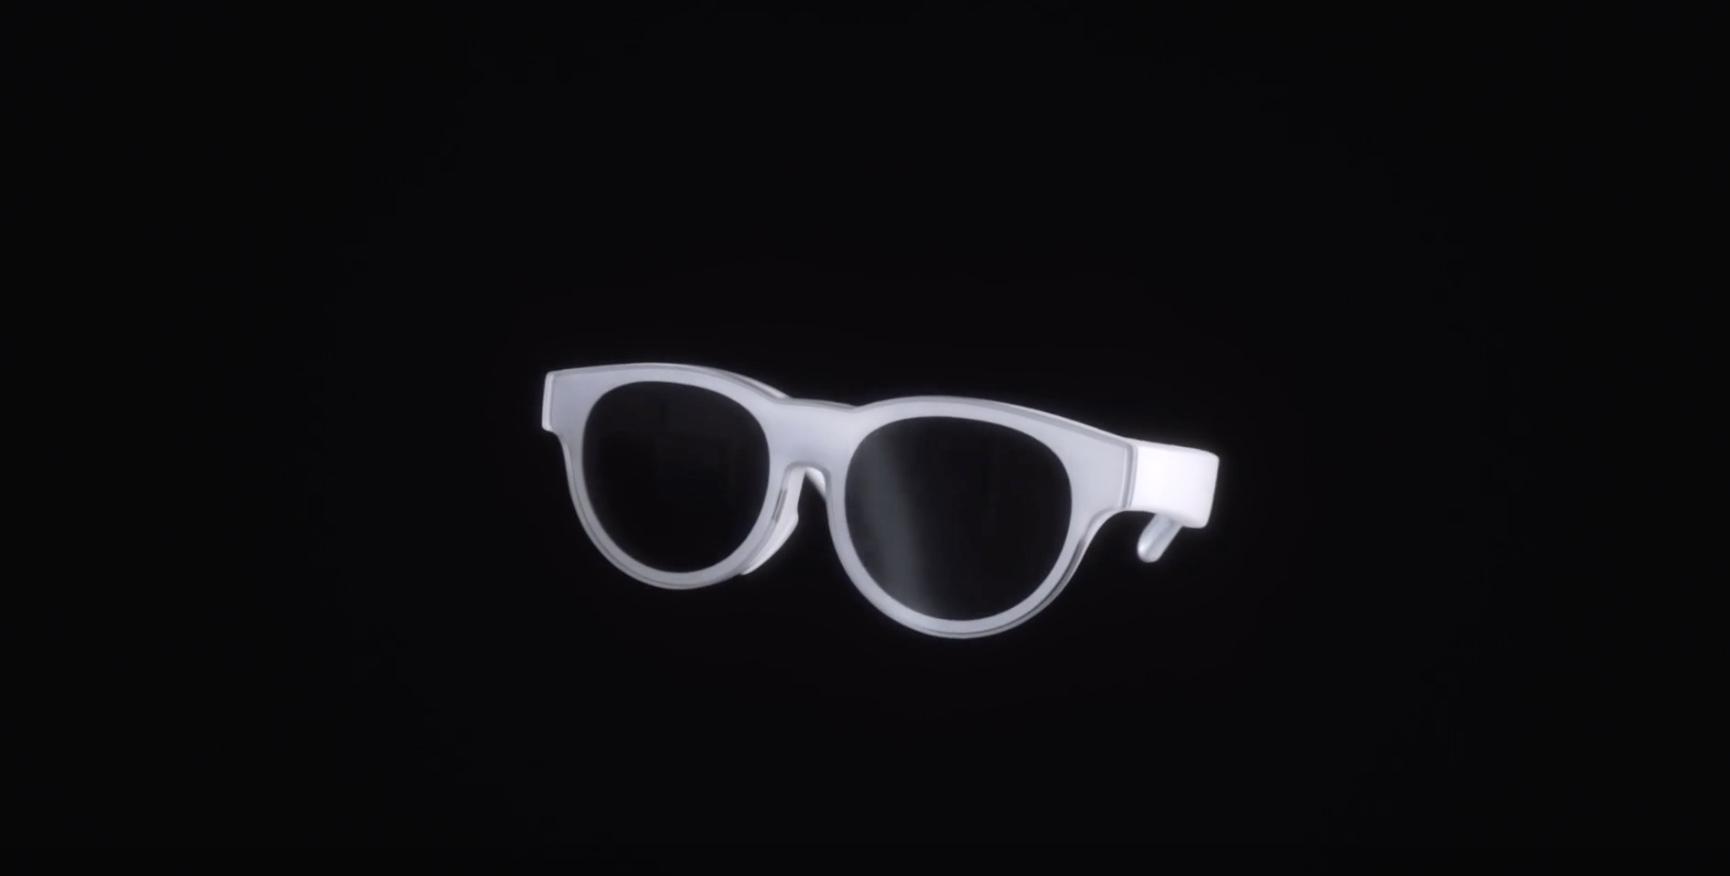 Inteligentne okulary według Samsunga. Samsung Glasses Lite i AR Glasses to tylko koncepcje czy coś więcej?